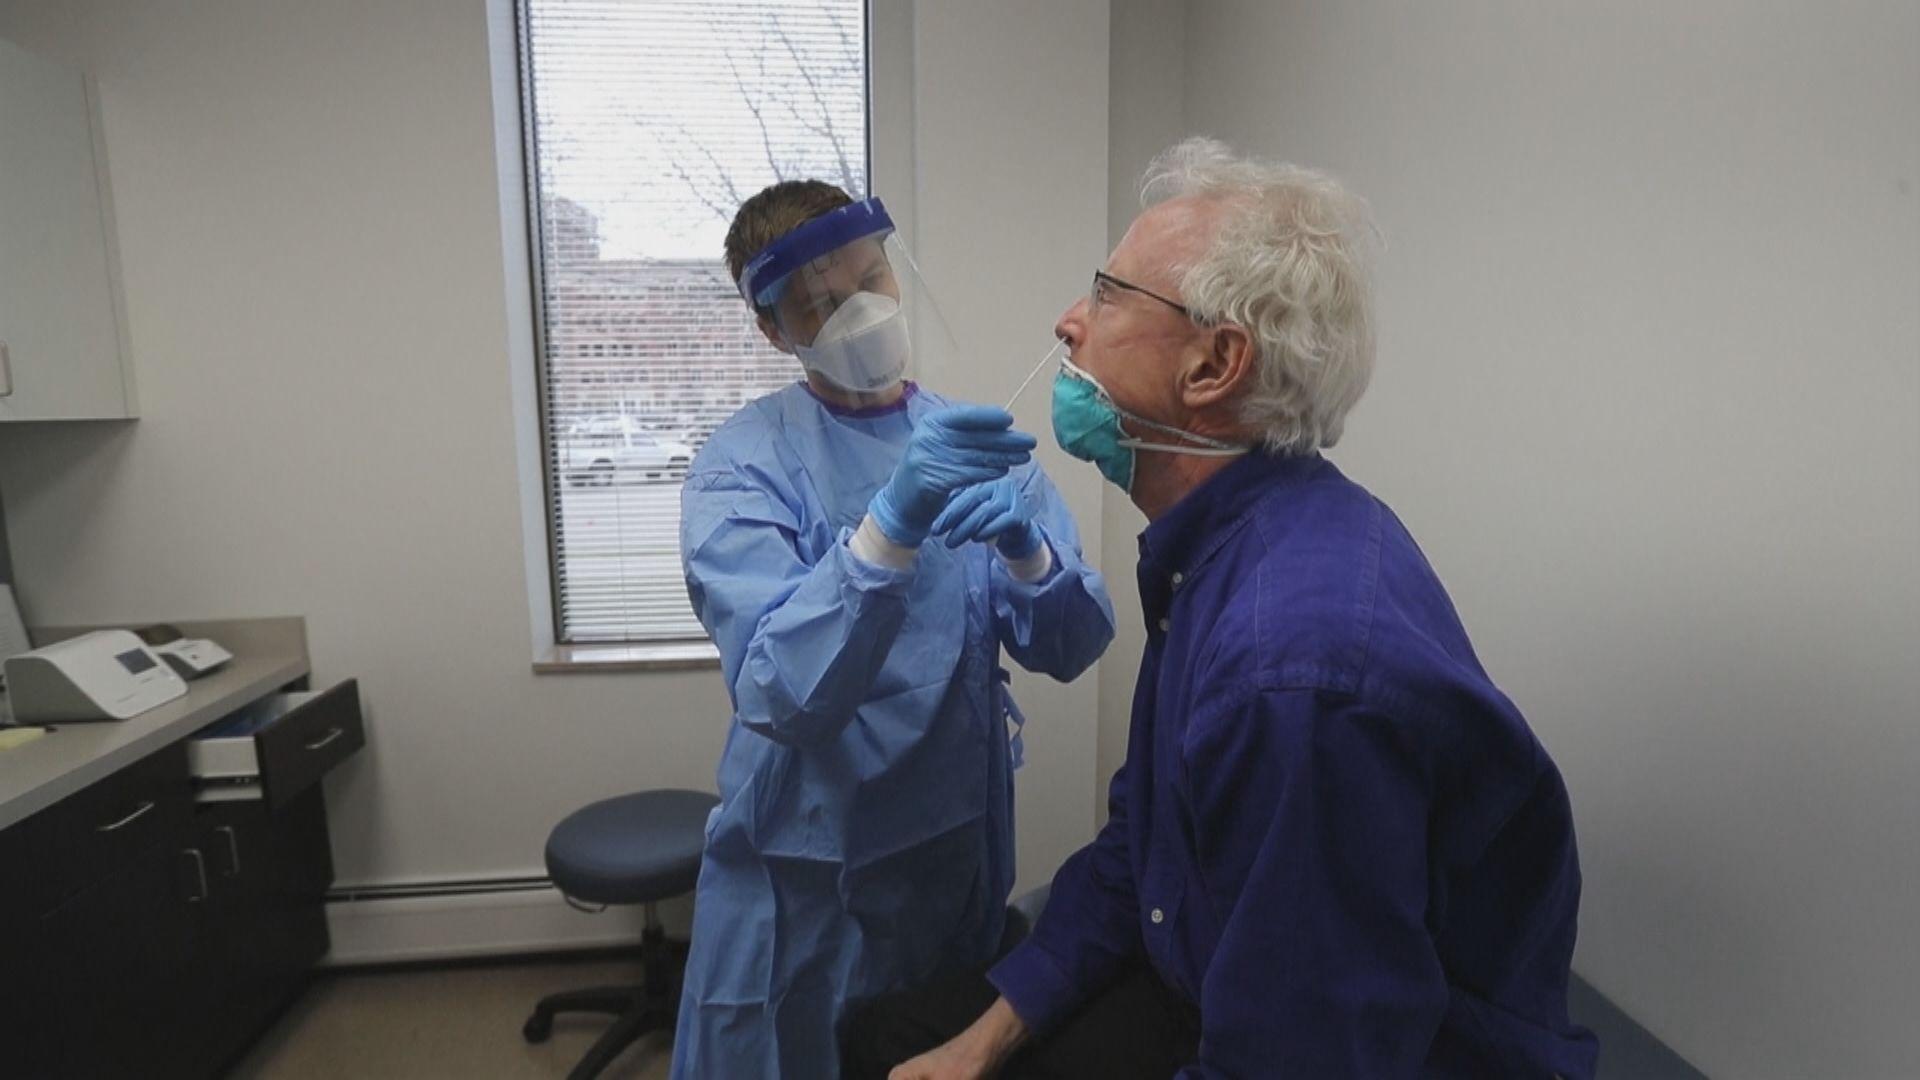 美國疾控中心推算全國實際感染人數或逾二千萬